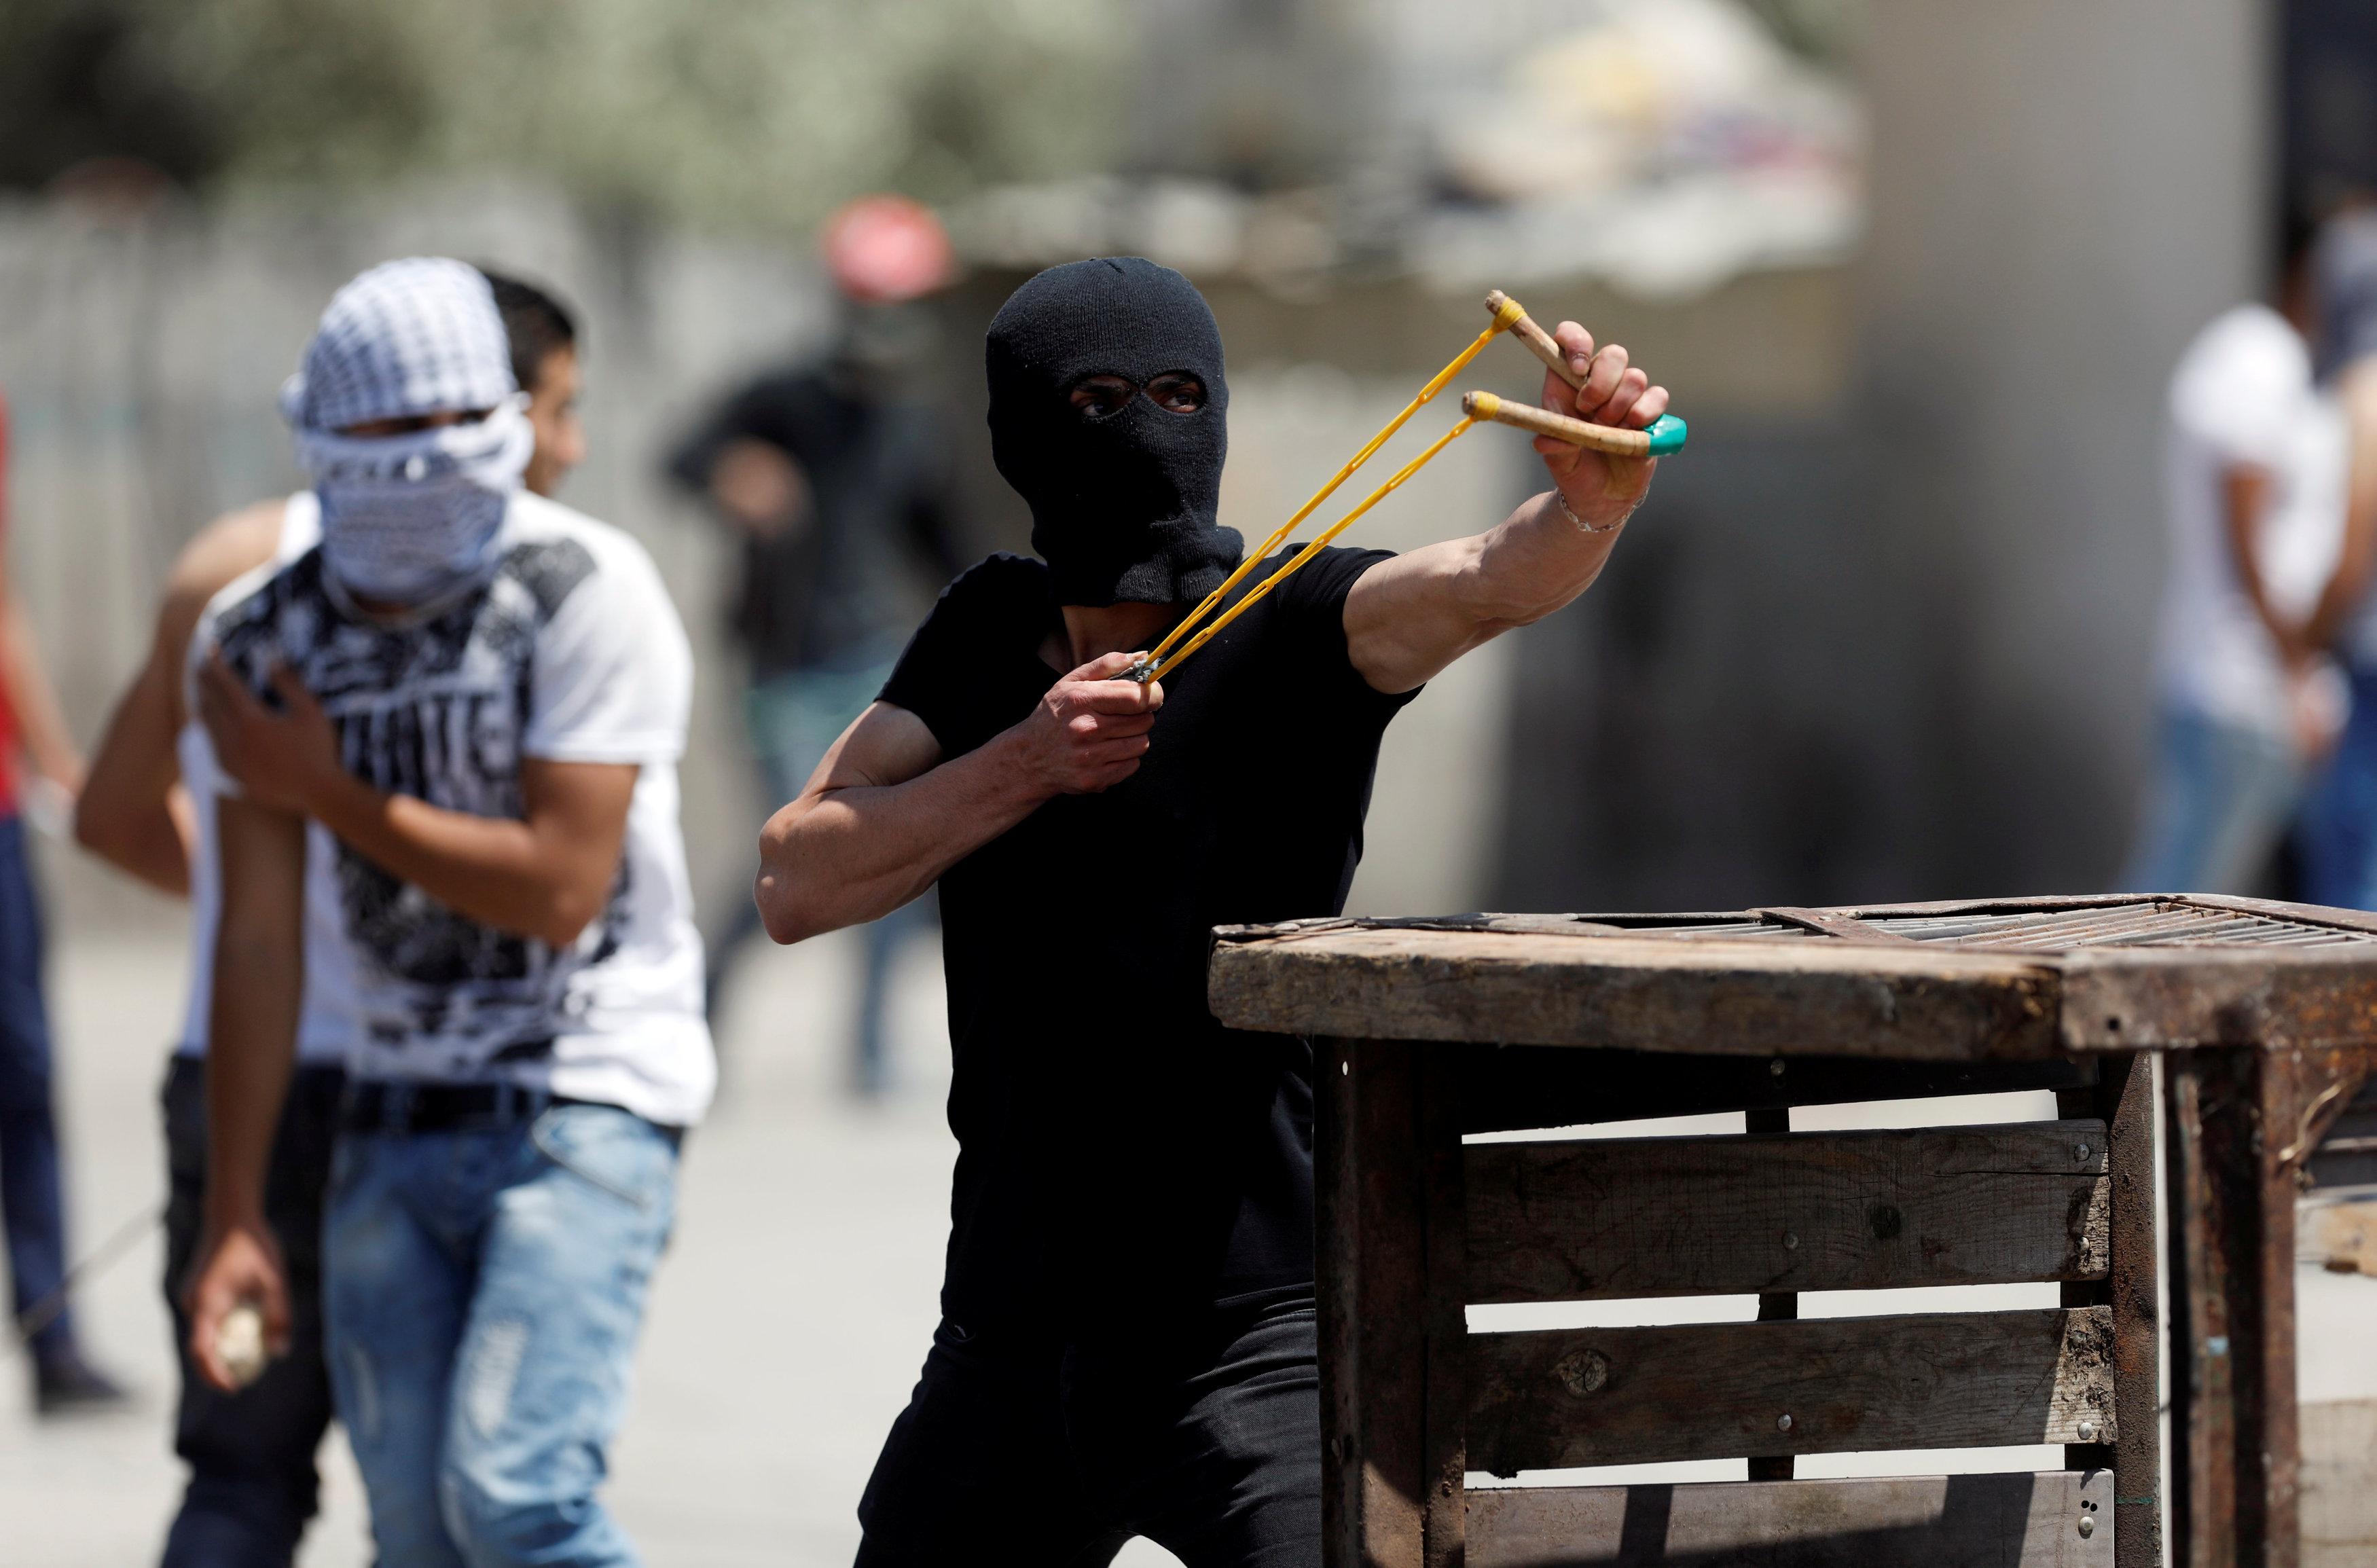 فلسطينيون يلقون الحجارة بالنبال على قوات الاحتلال